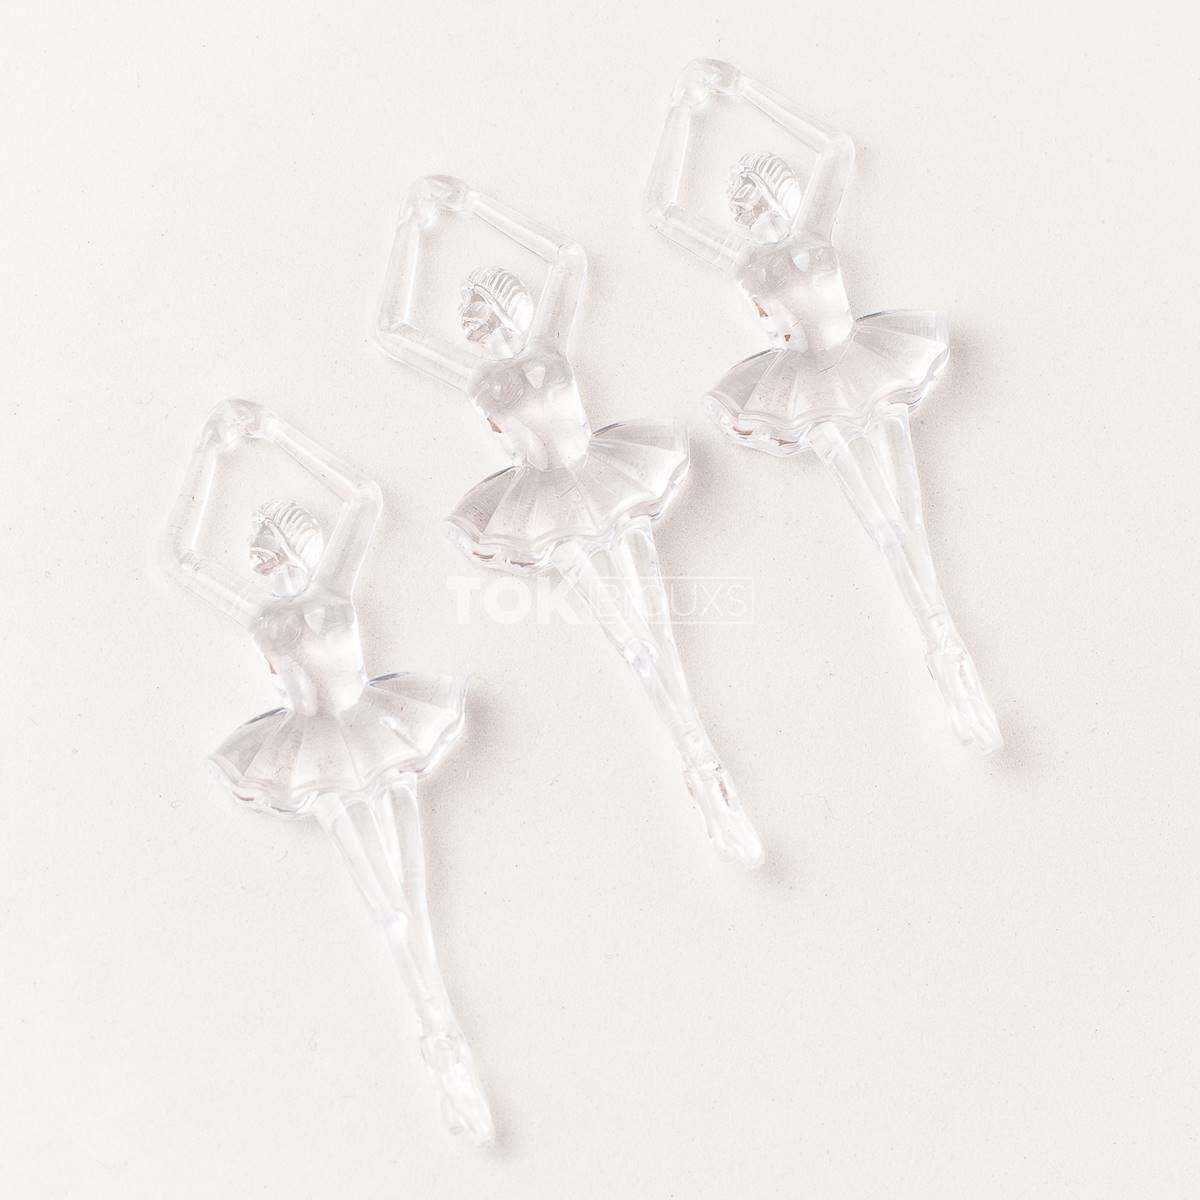 Bailarina Acrilico - Transparente - Unidade